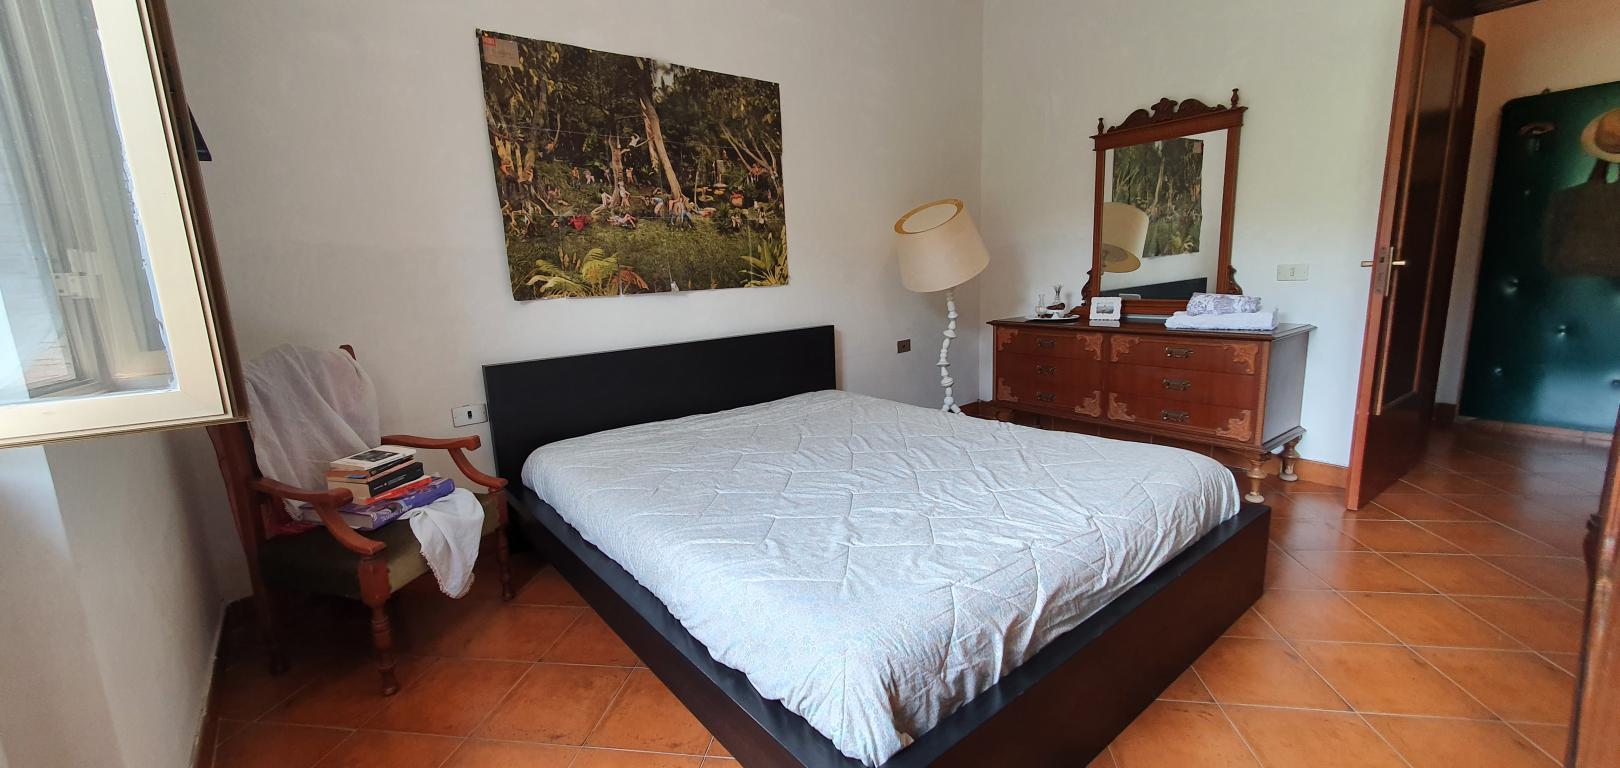 14 - Santa Restituta - Bifamiliare - Camera da letto